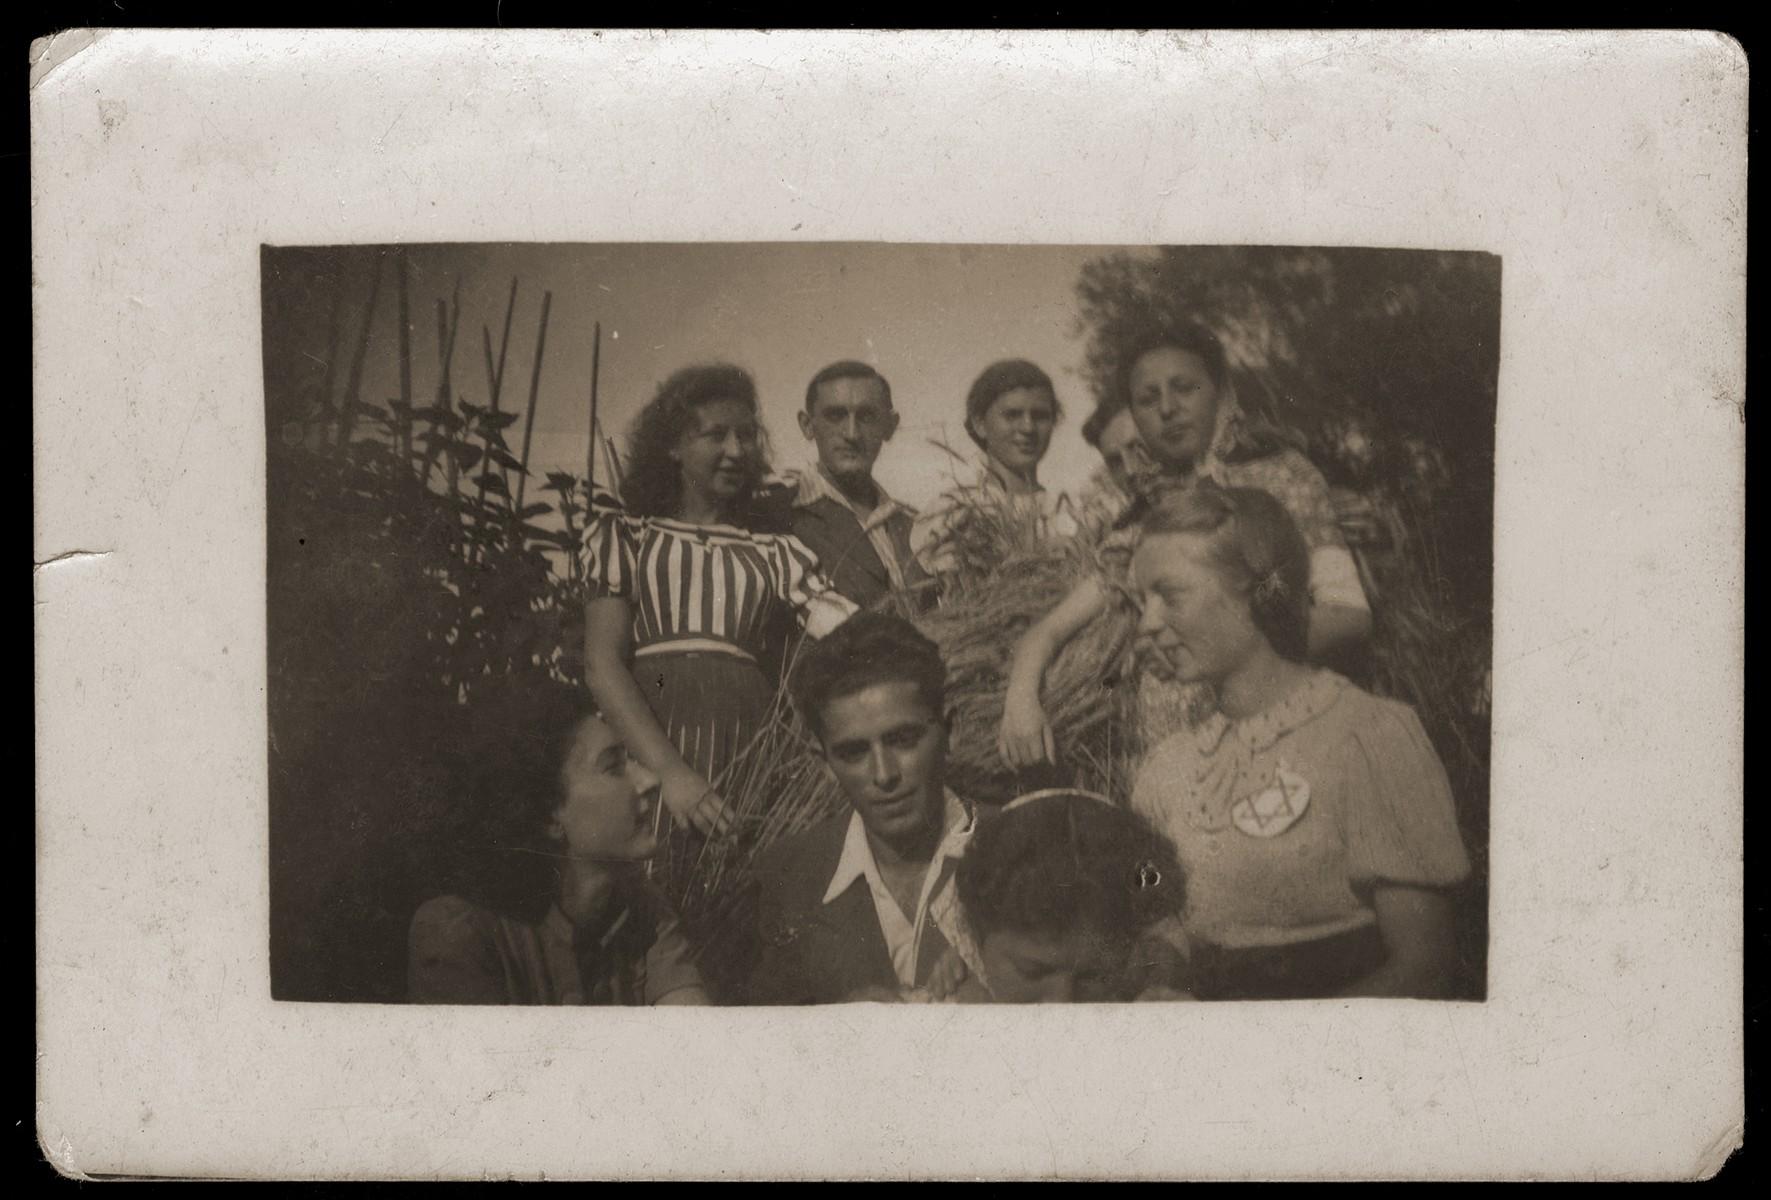 Group portrait of Jewish youth in the Dabrowa Gornicza ghetto.   Pictured in the top row from left to right are: Bronka Rubinsztajn,  Abram Zarnowiecki, Lena Zak (Koenigstein), Edzia Wajnsztok.  Bottom row, from left to right are: Sabina Szeps, Majer Rotmencz, Symka Spokojna and Balcia Krysztal.